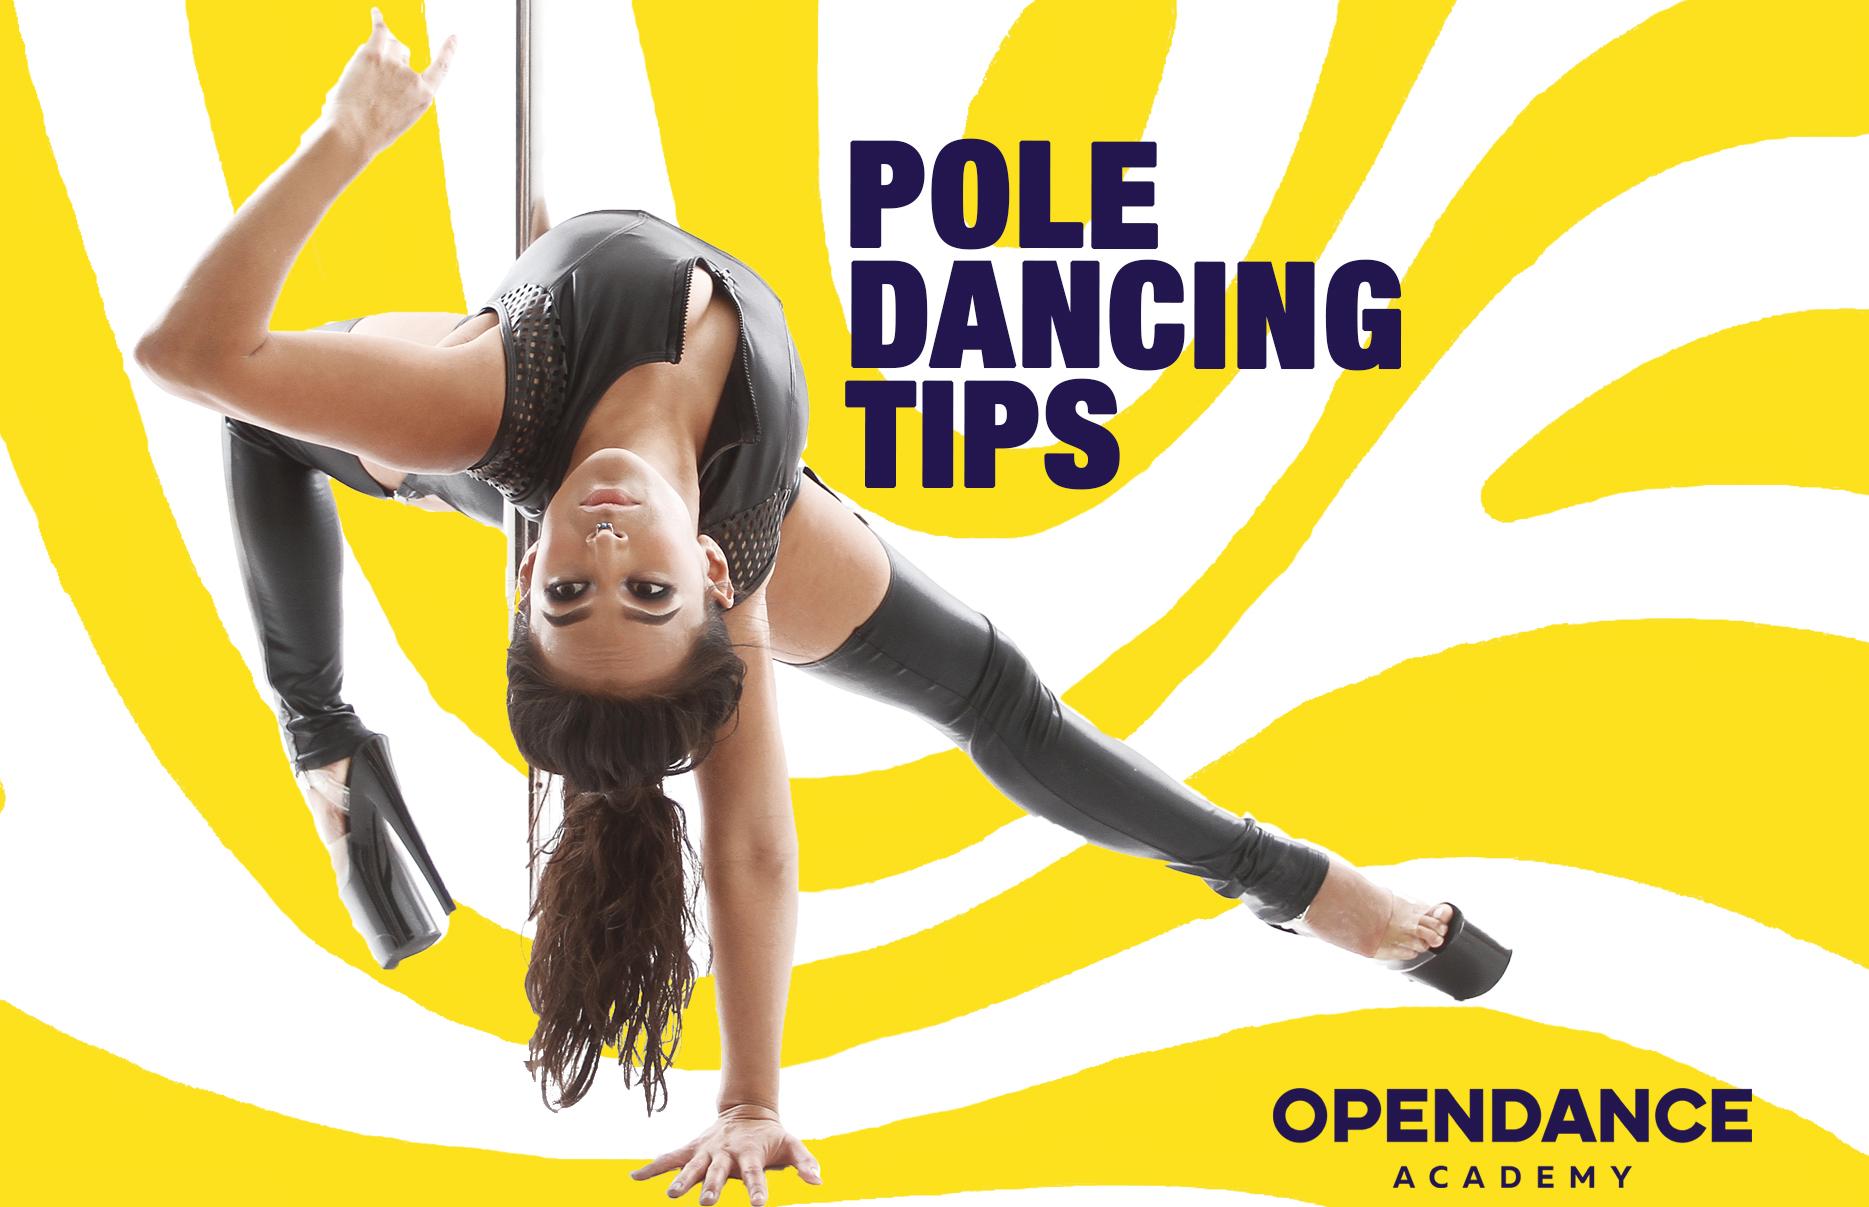 Pole Dancing Tips